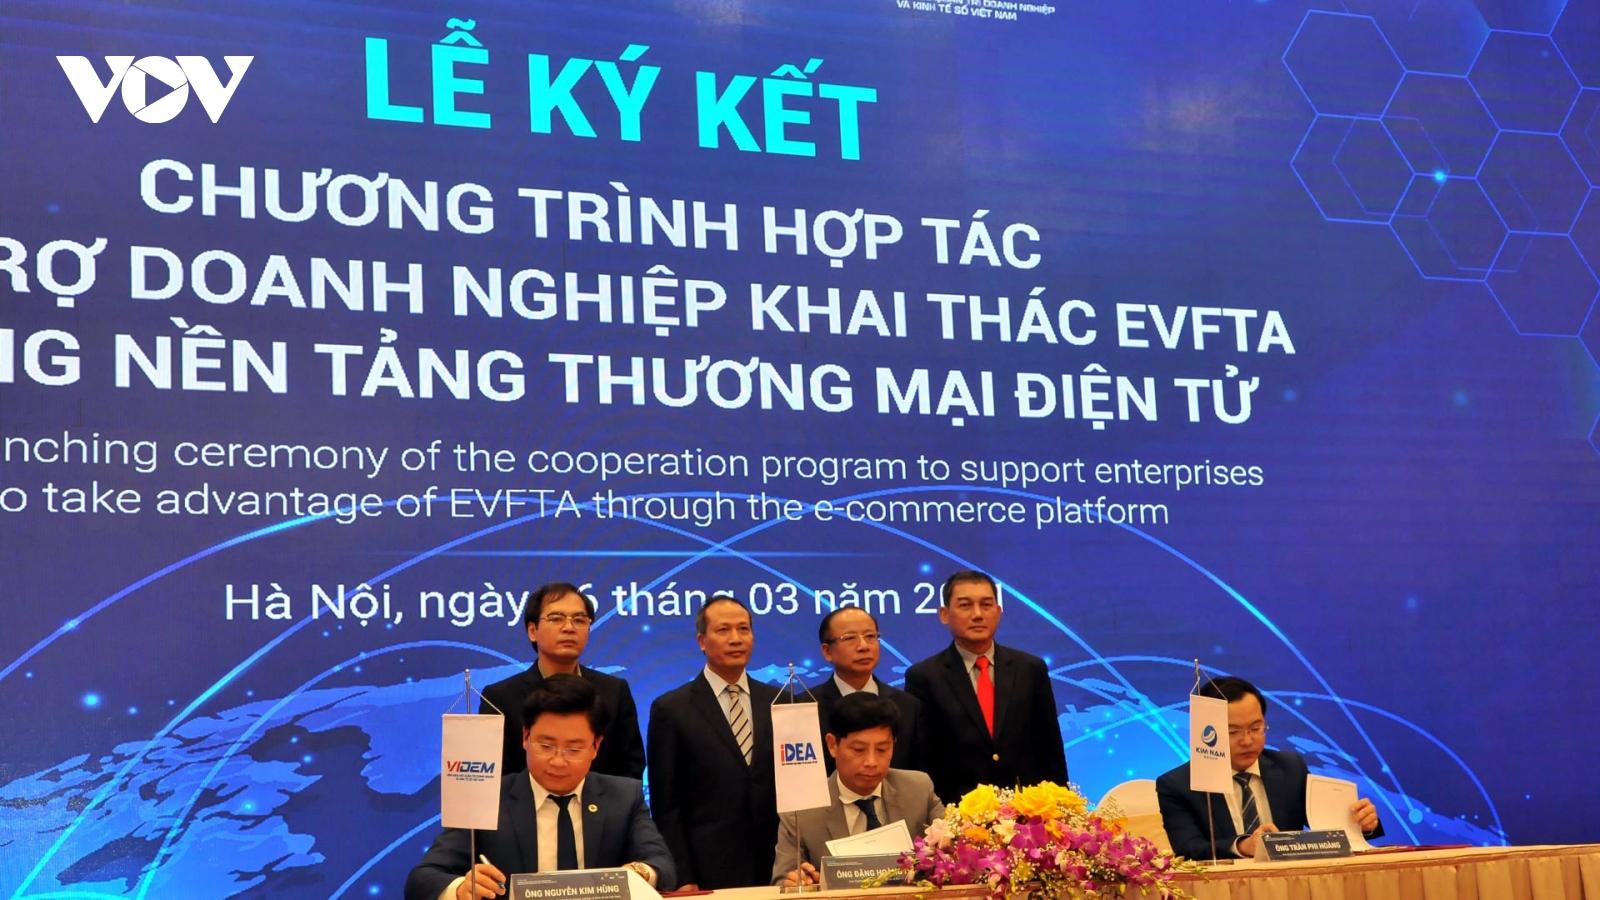 Tận dụng tốt cơ hội từ EVFTA bằng nền tảng thương mại điện tử